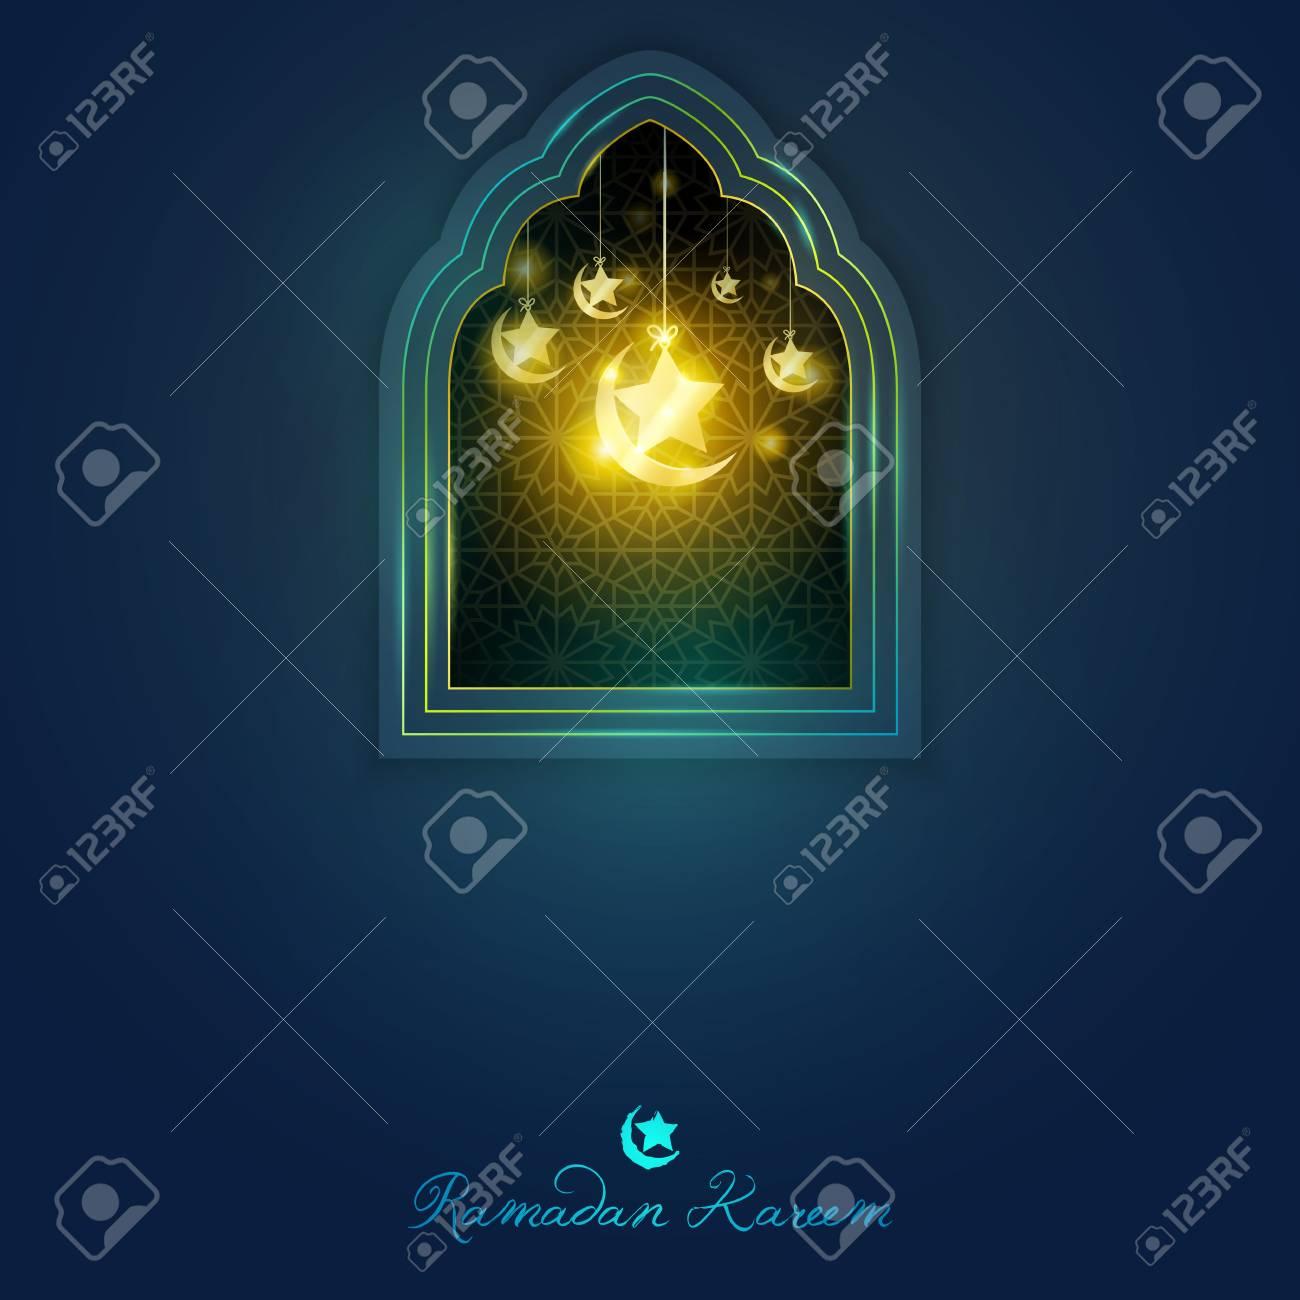 Plantilla De Tarjeta De Felicitación De Ramadan Kareem Ventana De ...